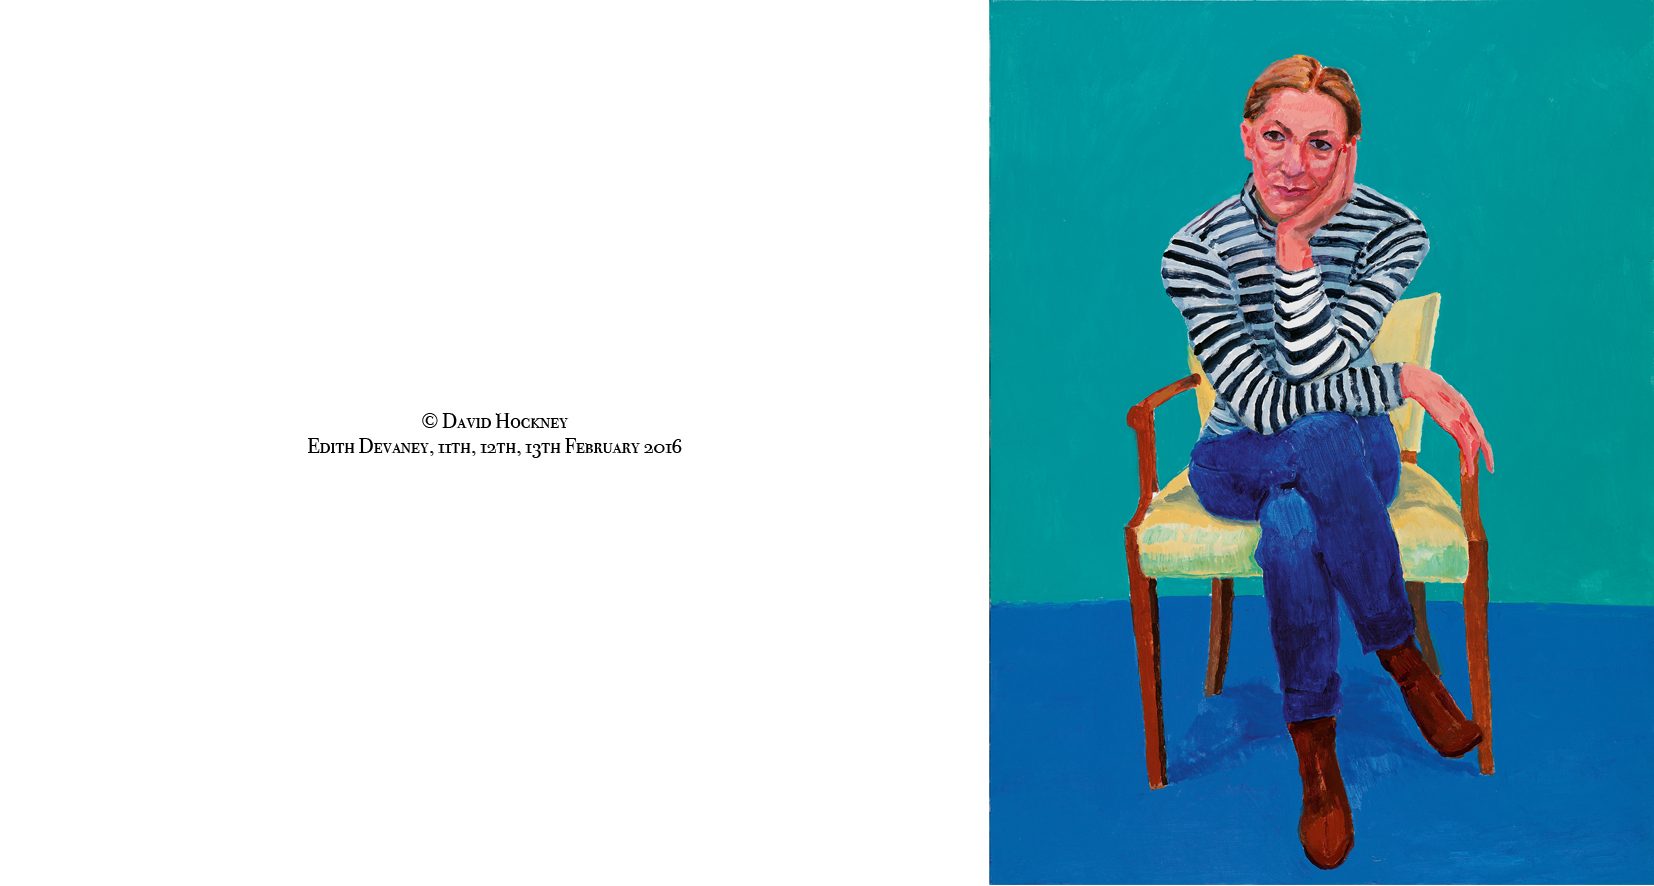 David-Hockney-05A.jpg